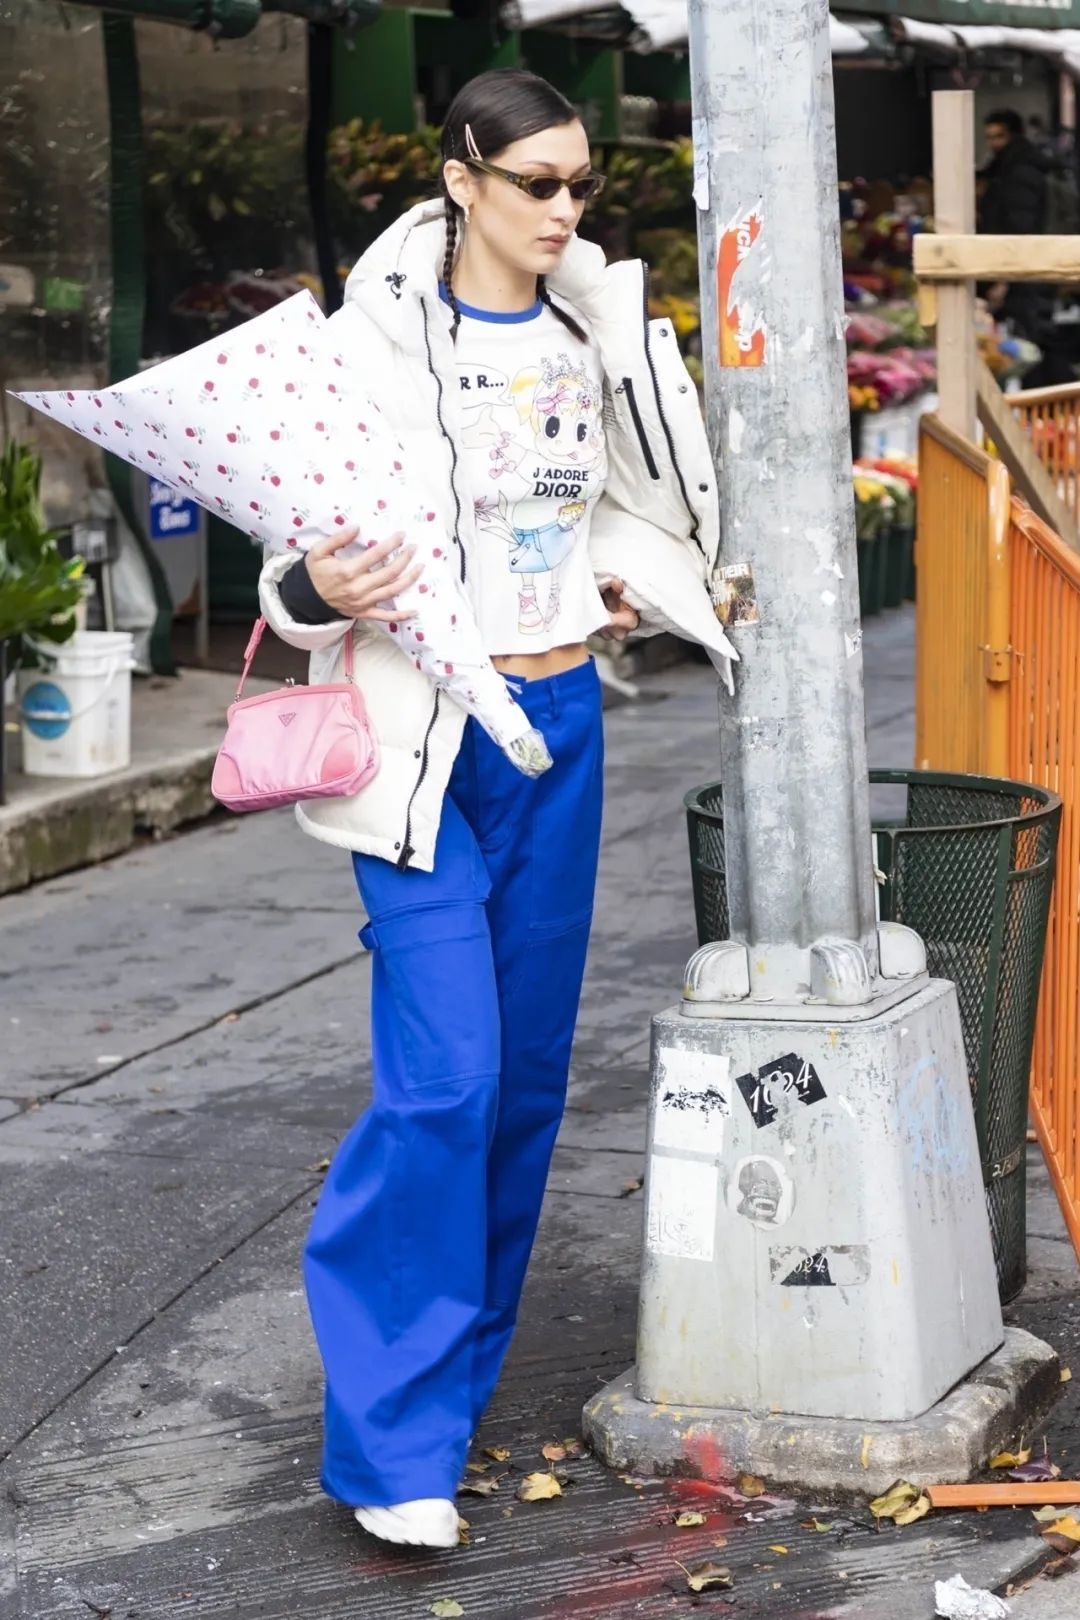 年轻时尚偶像们疯狂带货的中古包到底长什么样?